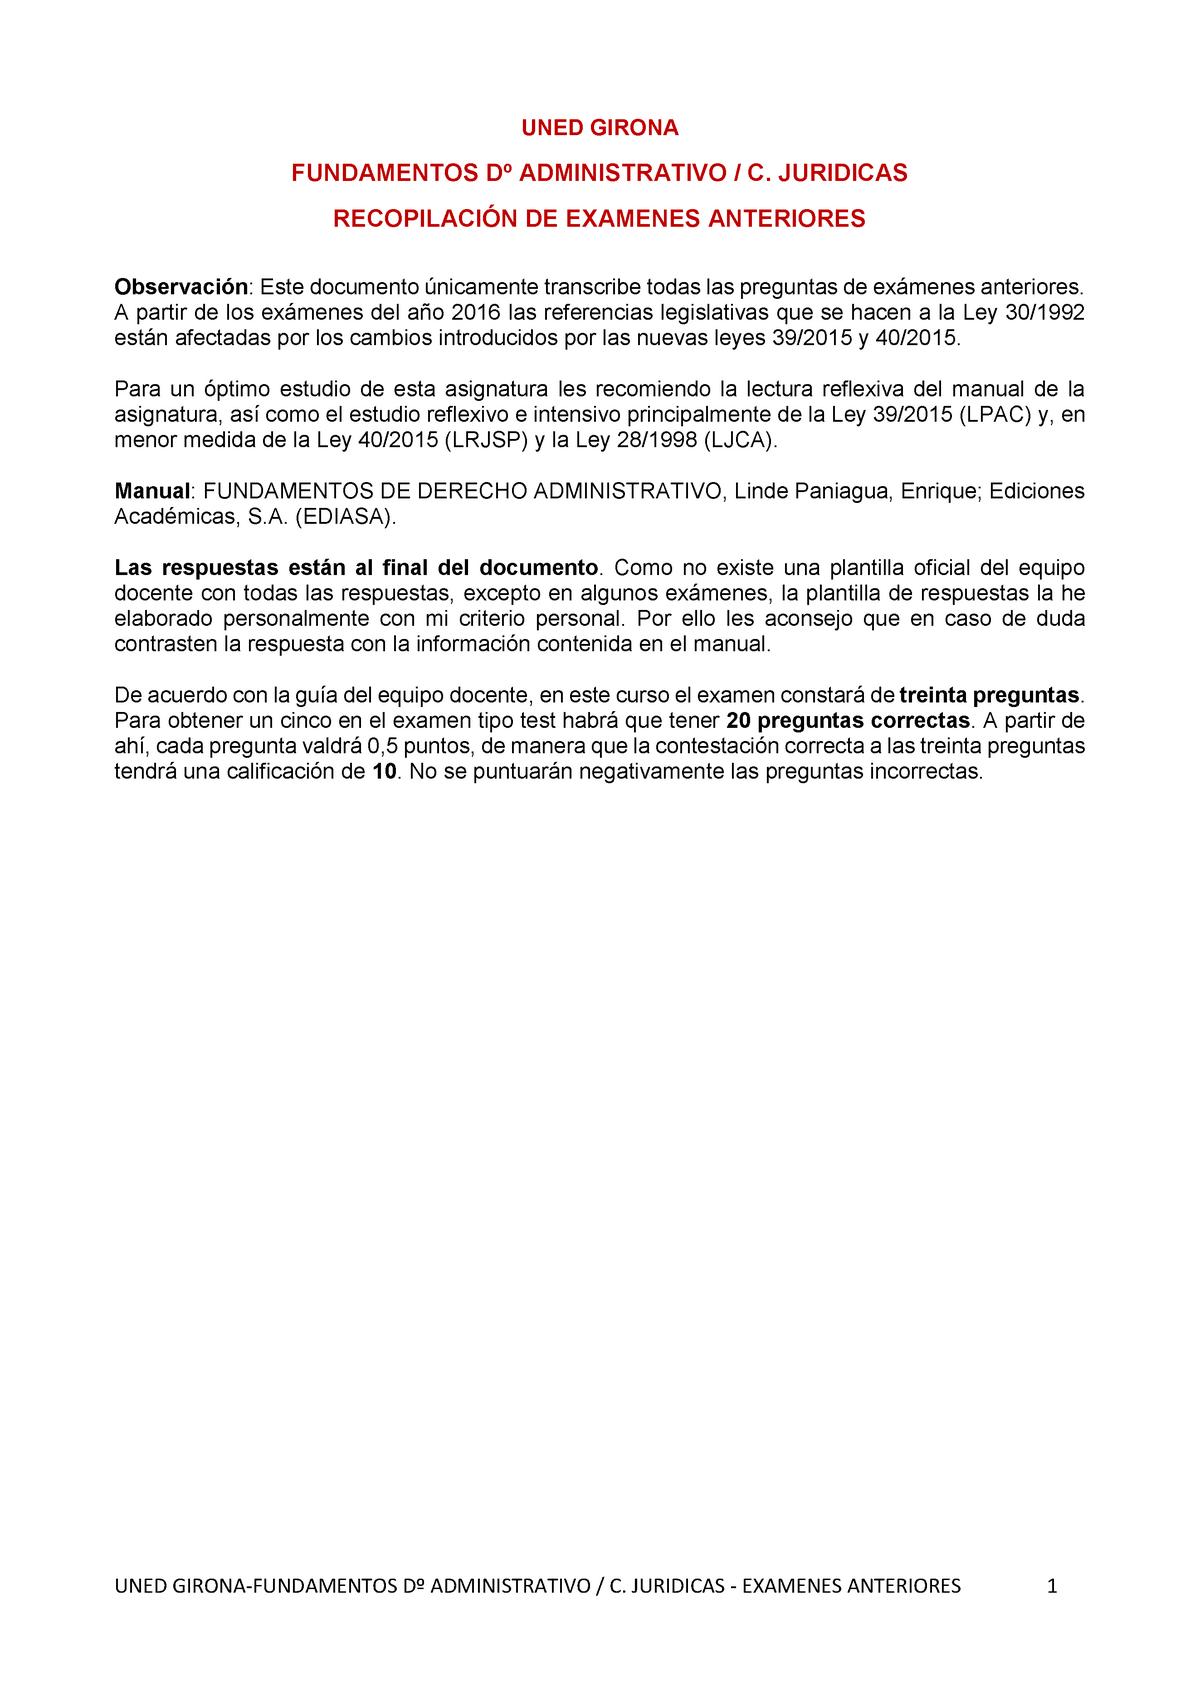 Examen Preguntas Y Respuestas Uned Girona Fundamentos Administrativo Juridicas Recopilaci De Examenes Anteriores Observaci Este Documento Nicamente Transcribe Studocu